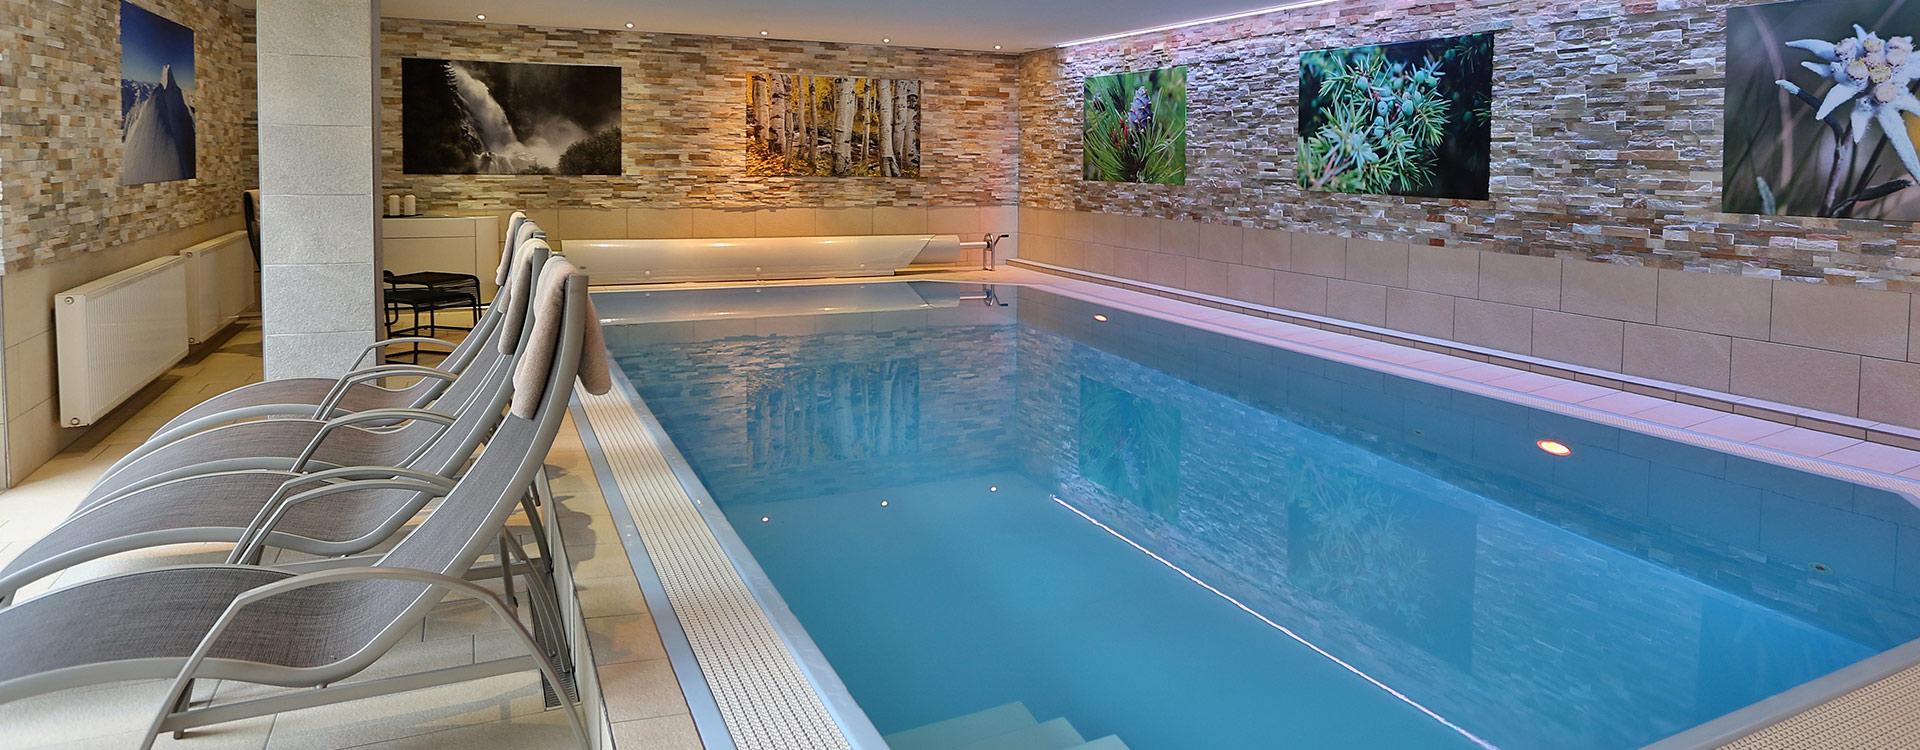 hotel-soelden-hallenbad-slider3